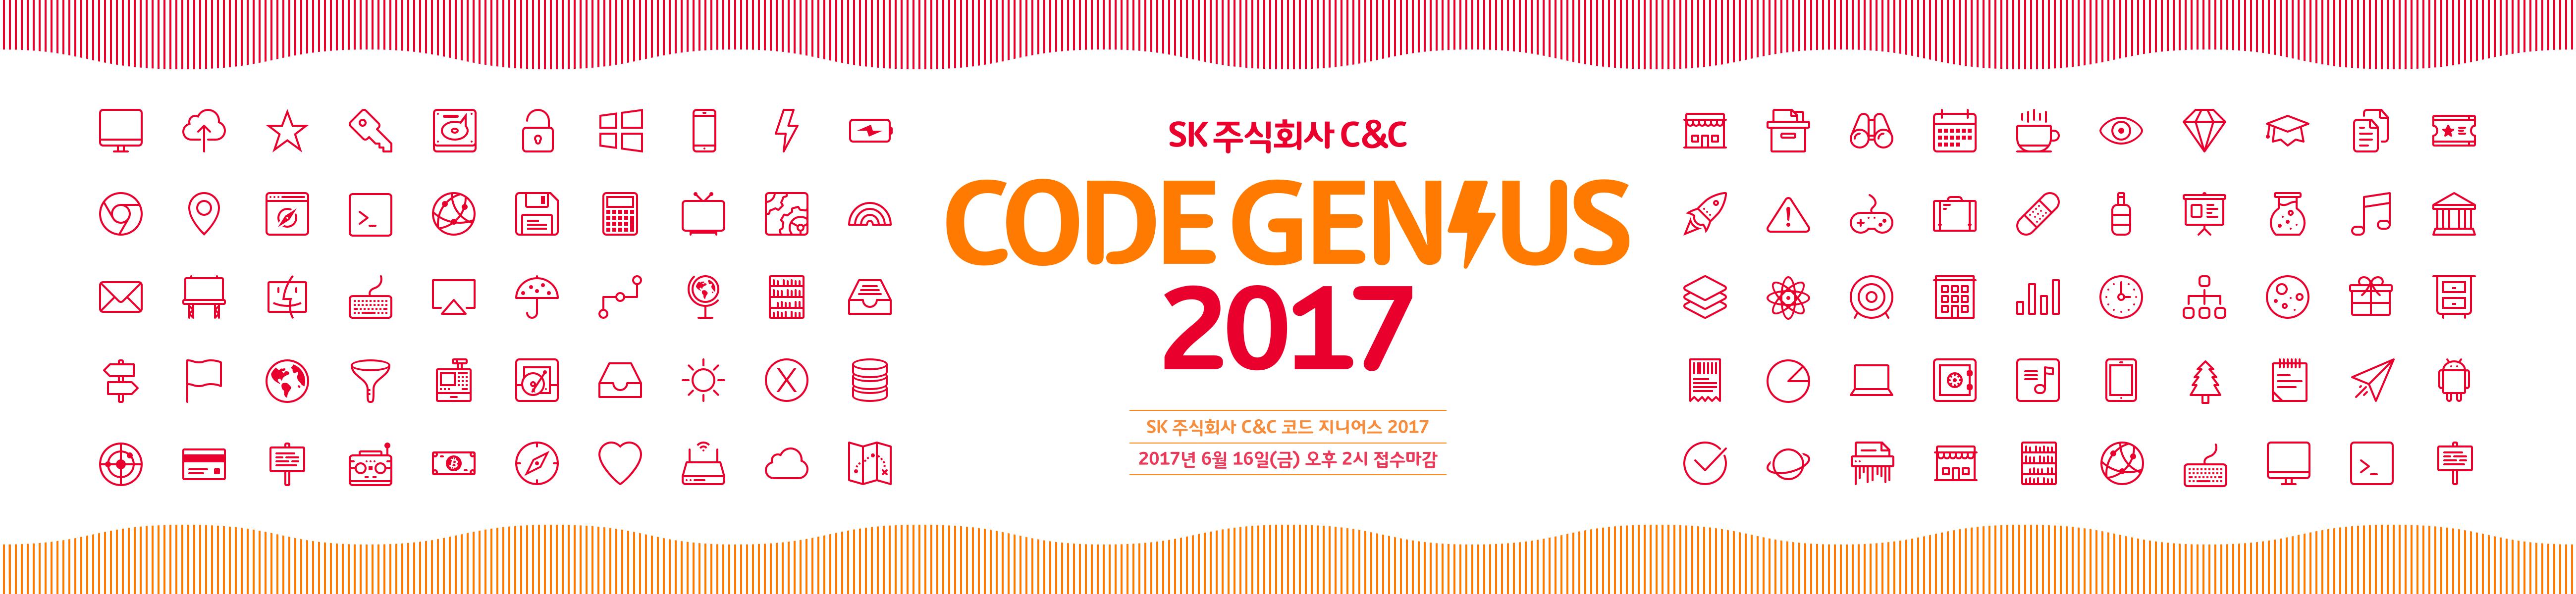 Code Genius 2017